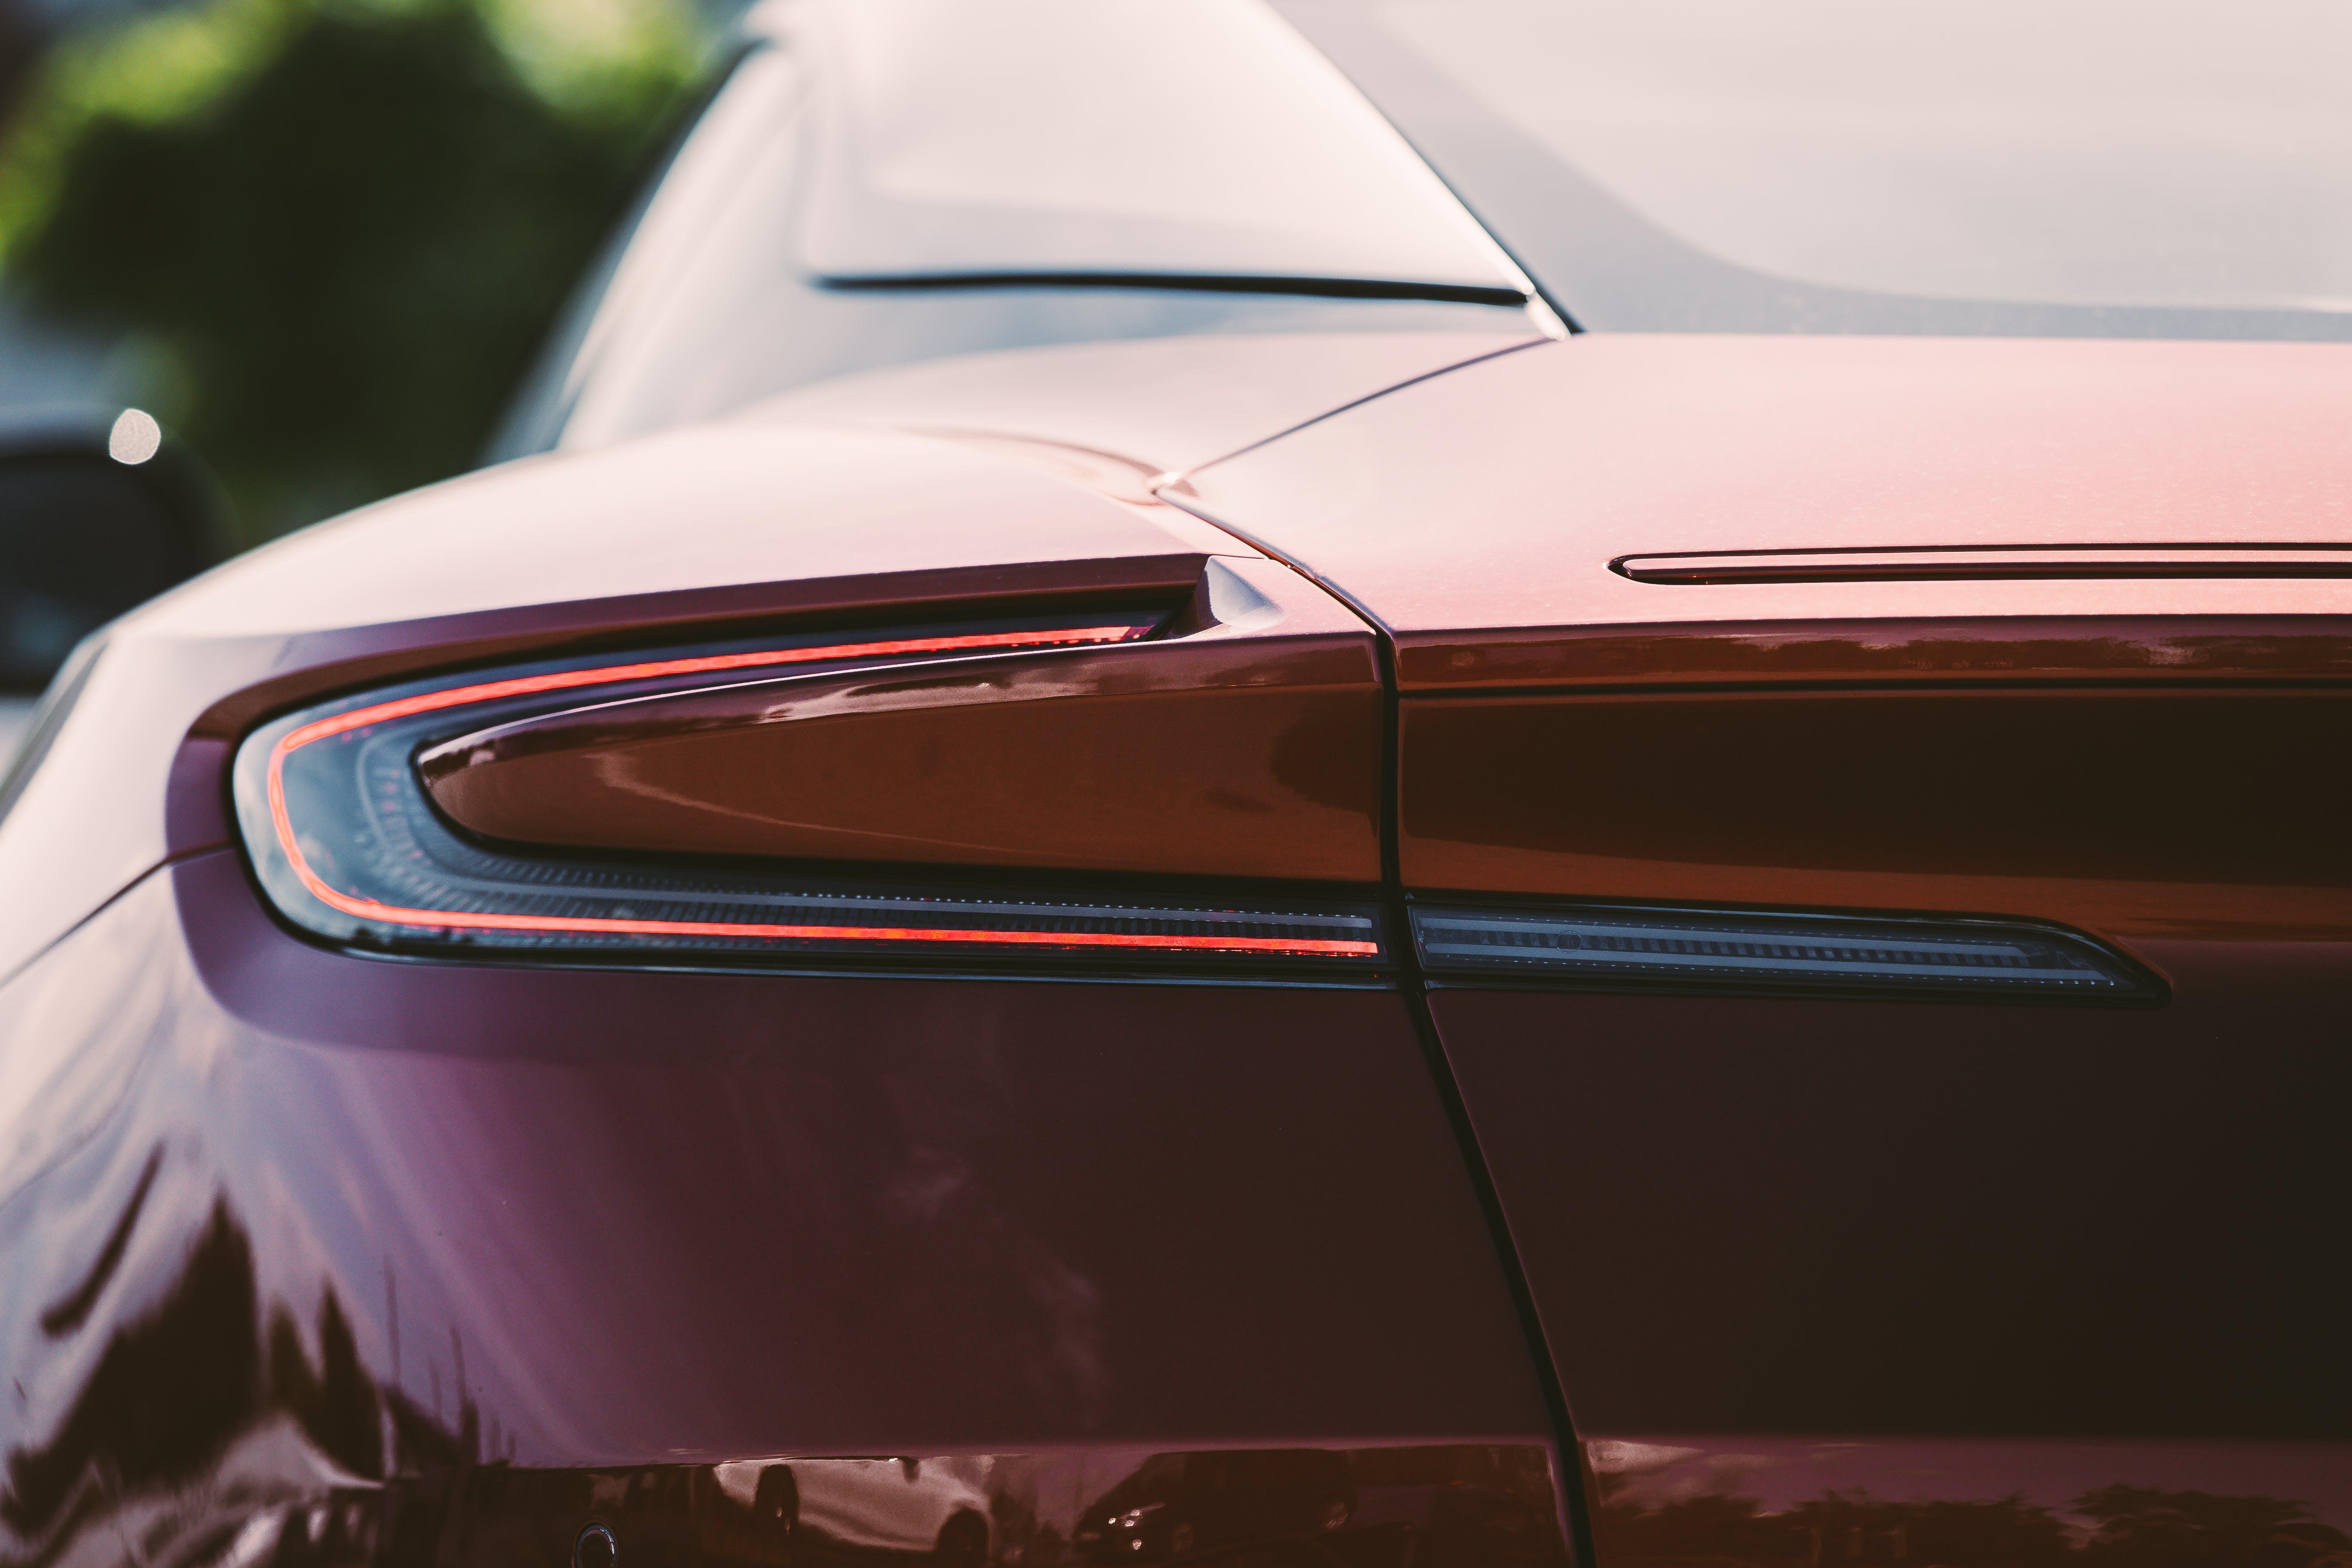 Red Aston Martin DB11 rear light